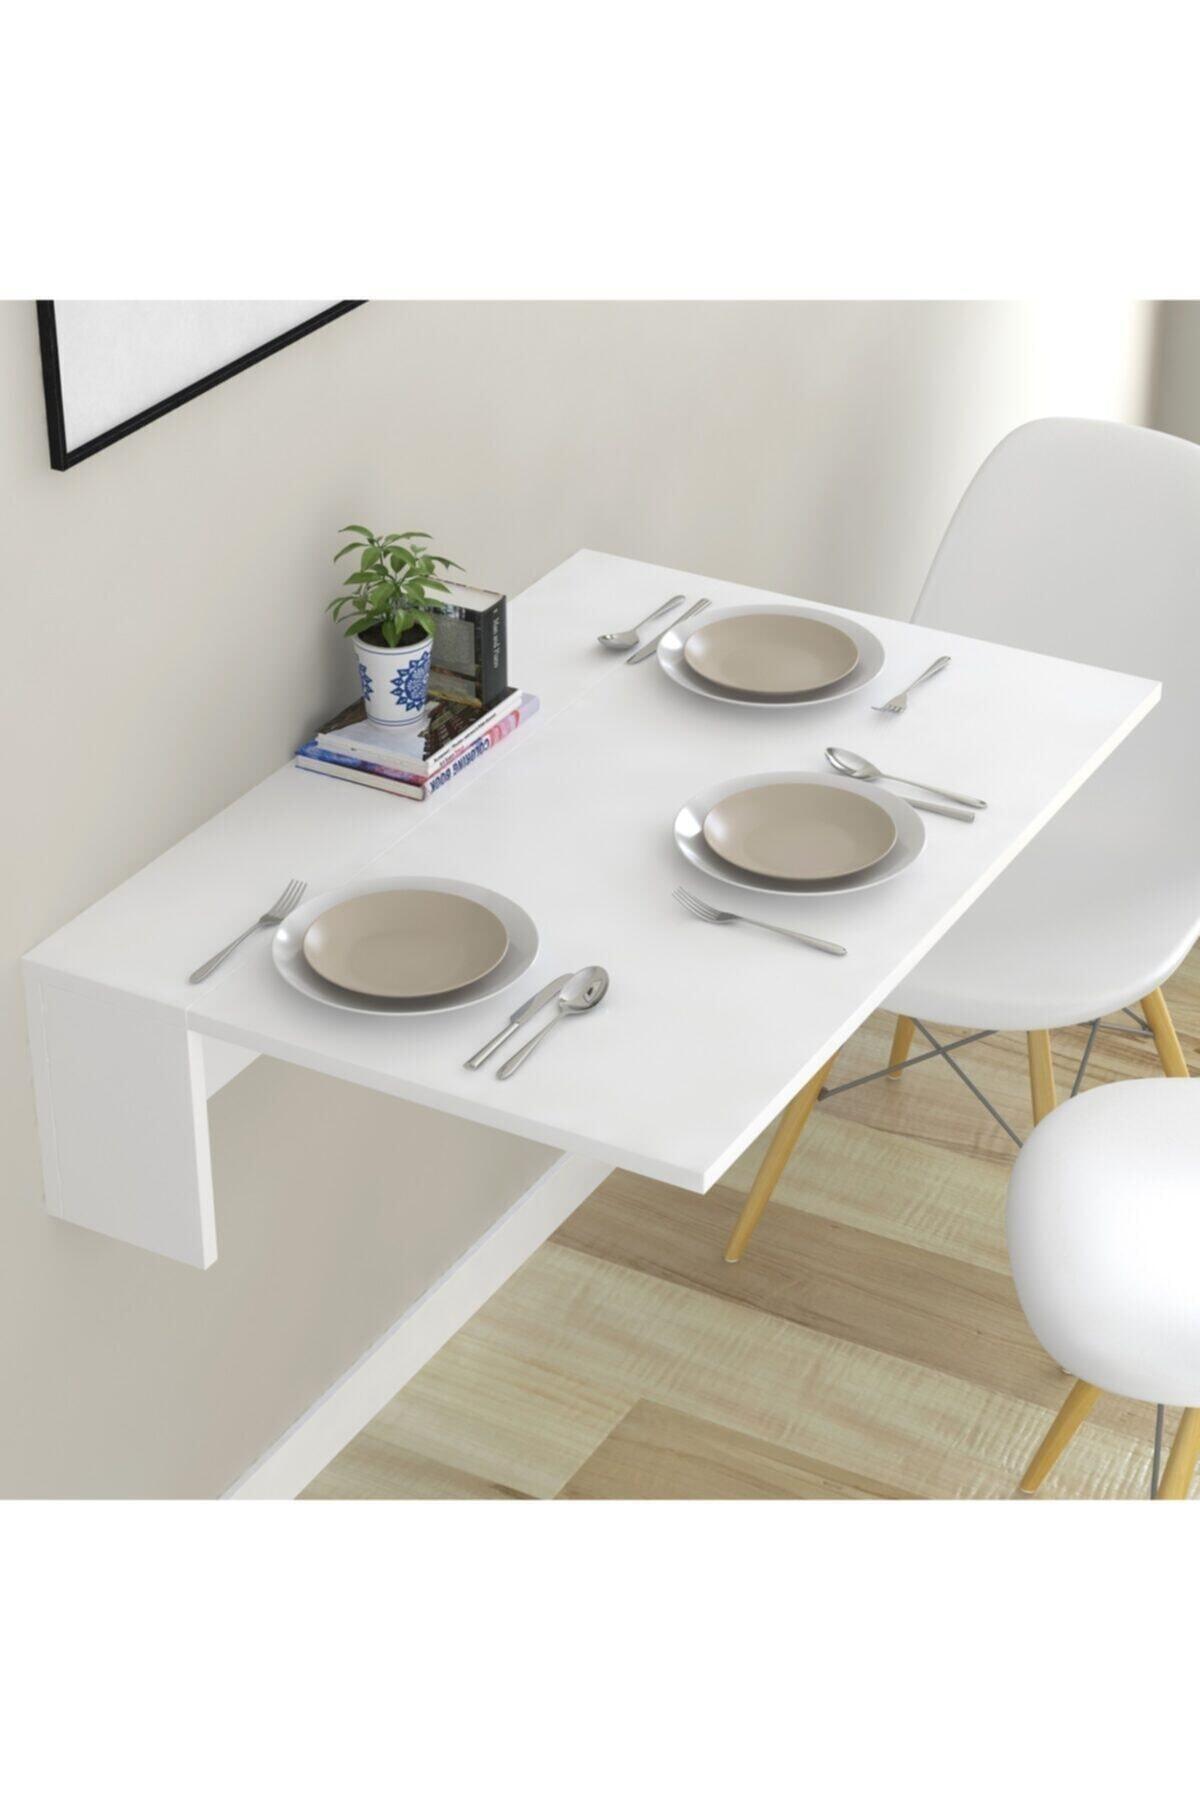 طاولة قابلة للسحب مع رف أبيض